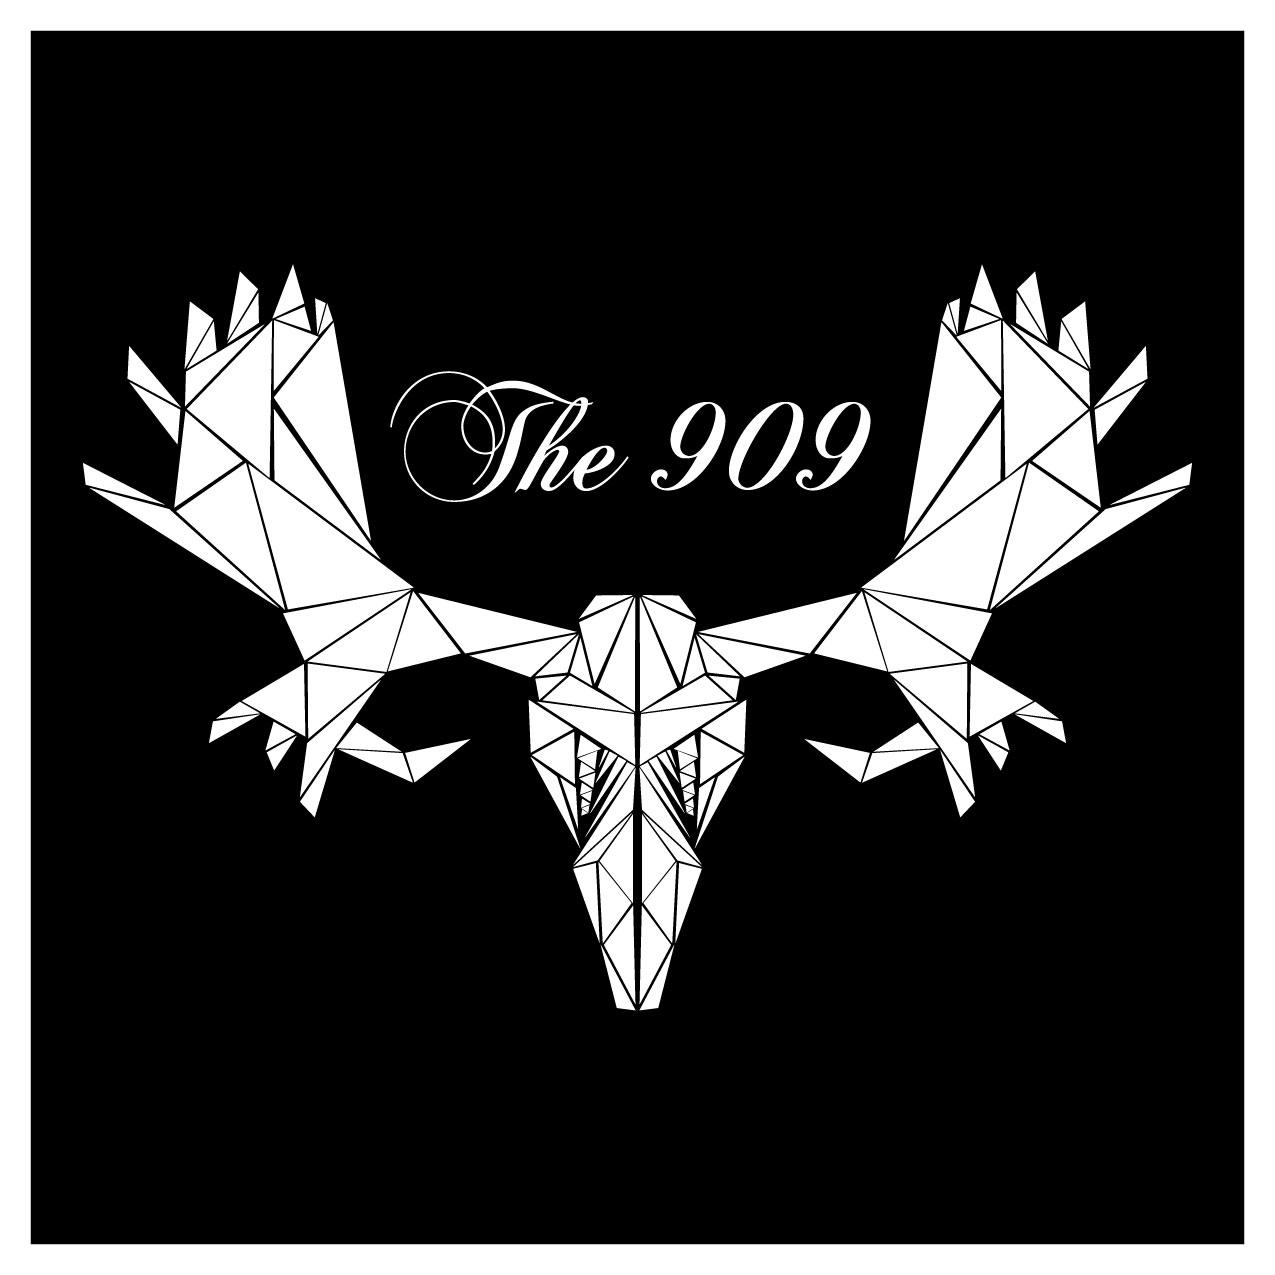 909 moose updated 6-13-15-03.jpg